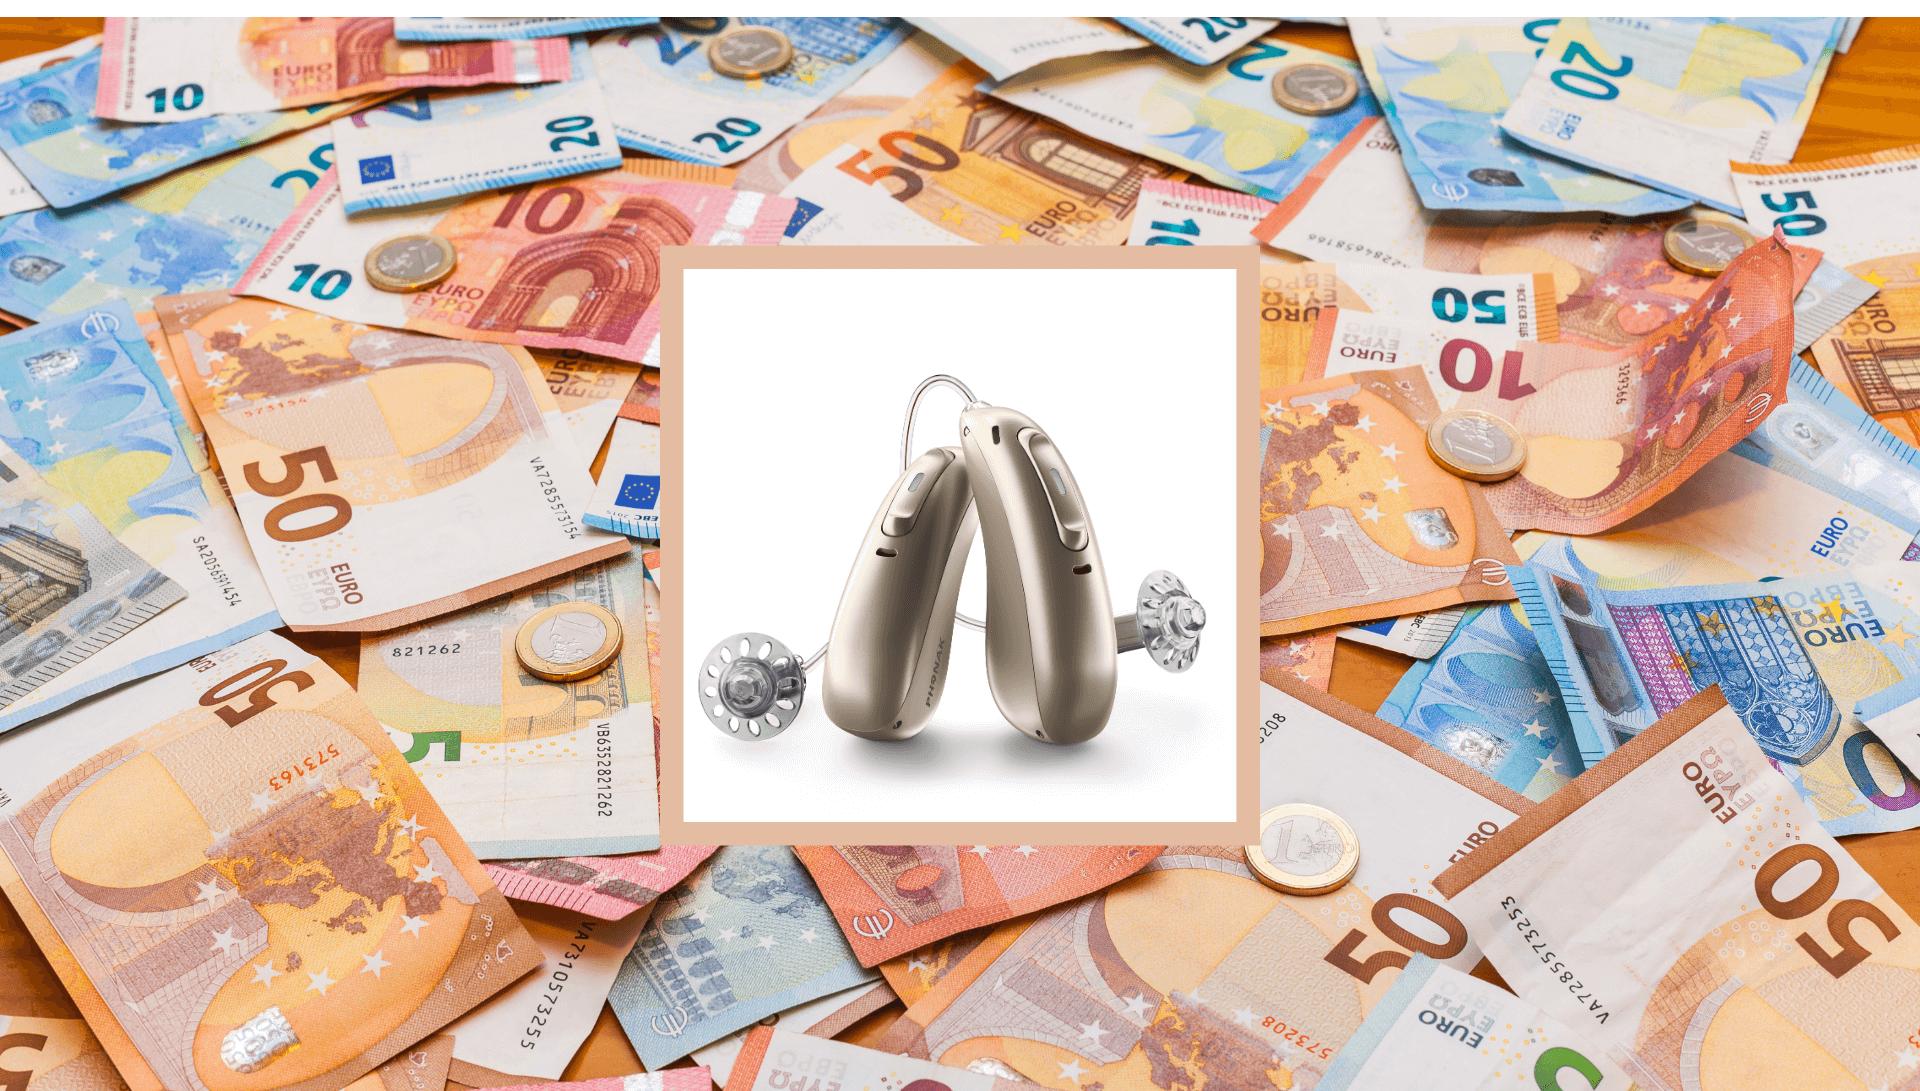 Collage aus Hörgeräten und Geldscheinen, symbolisiert Hörgeräte-Preise